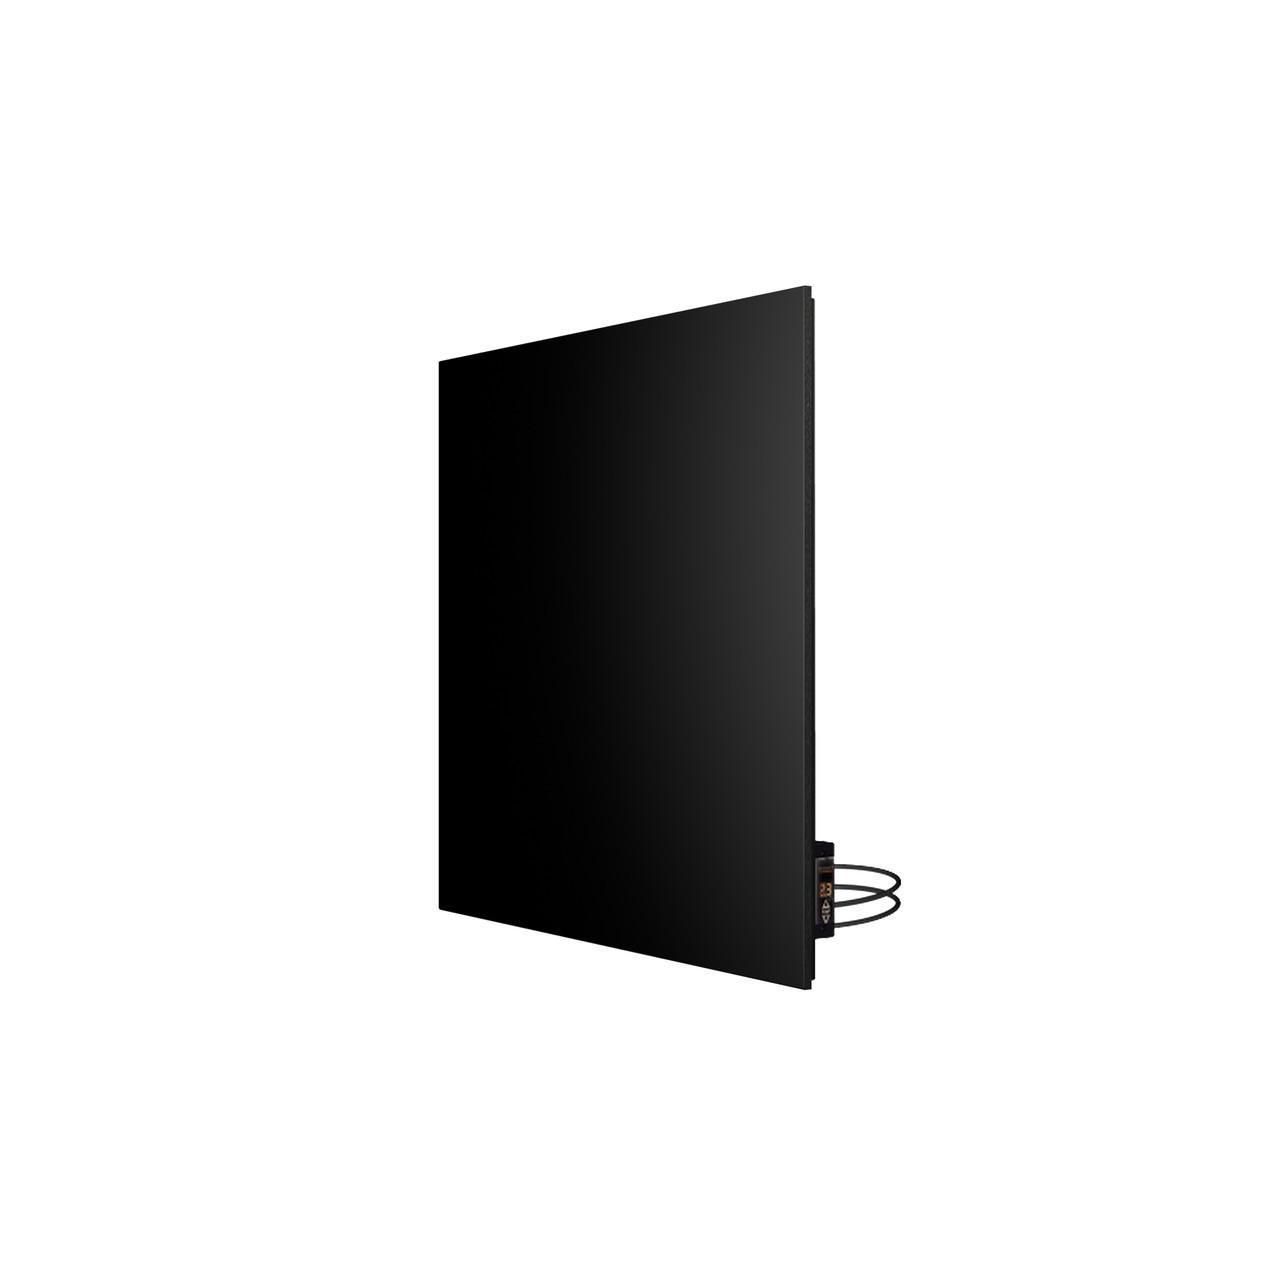 Керамический инфракрасный панельный обогреватель Teploceramic TC400M 400Вт Черный (TC400M-Black)